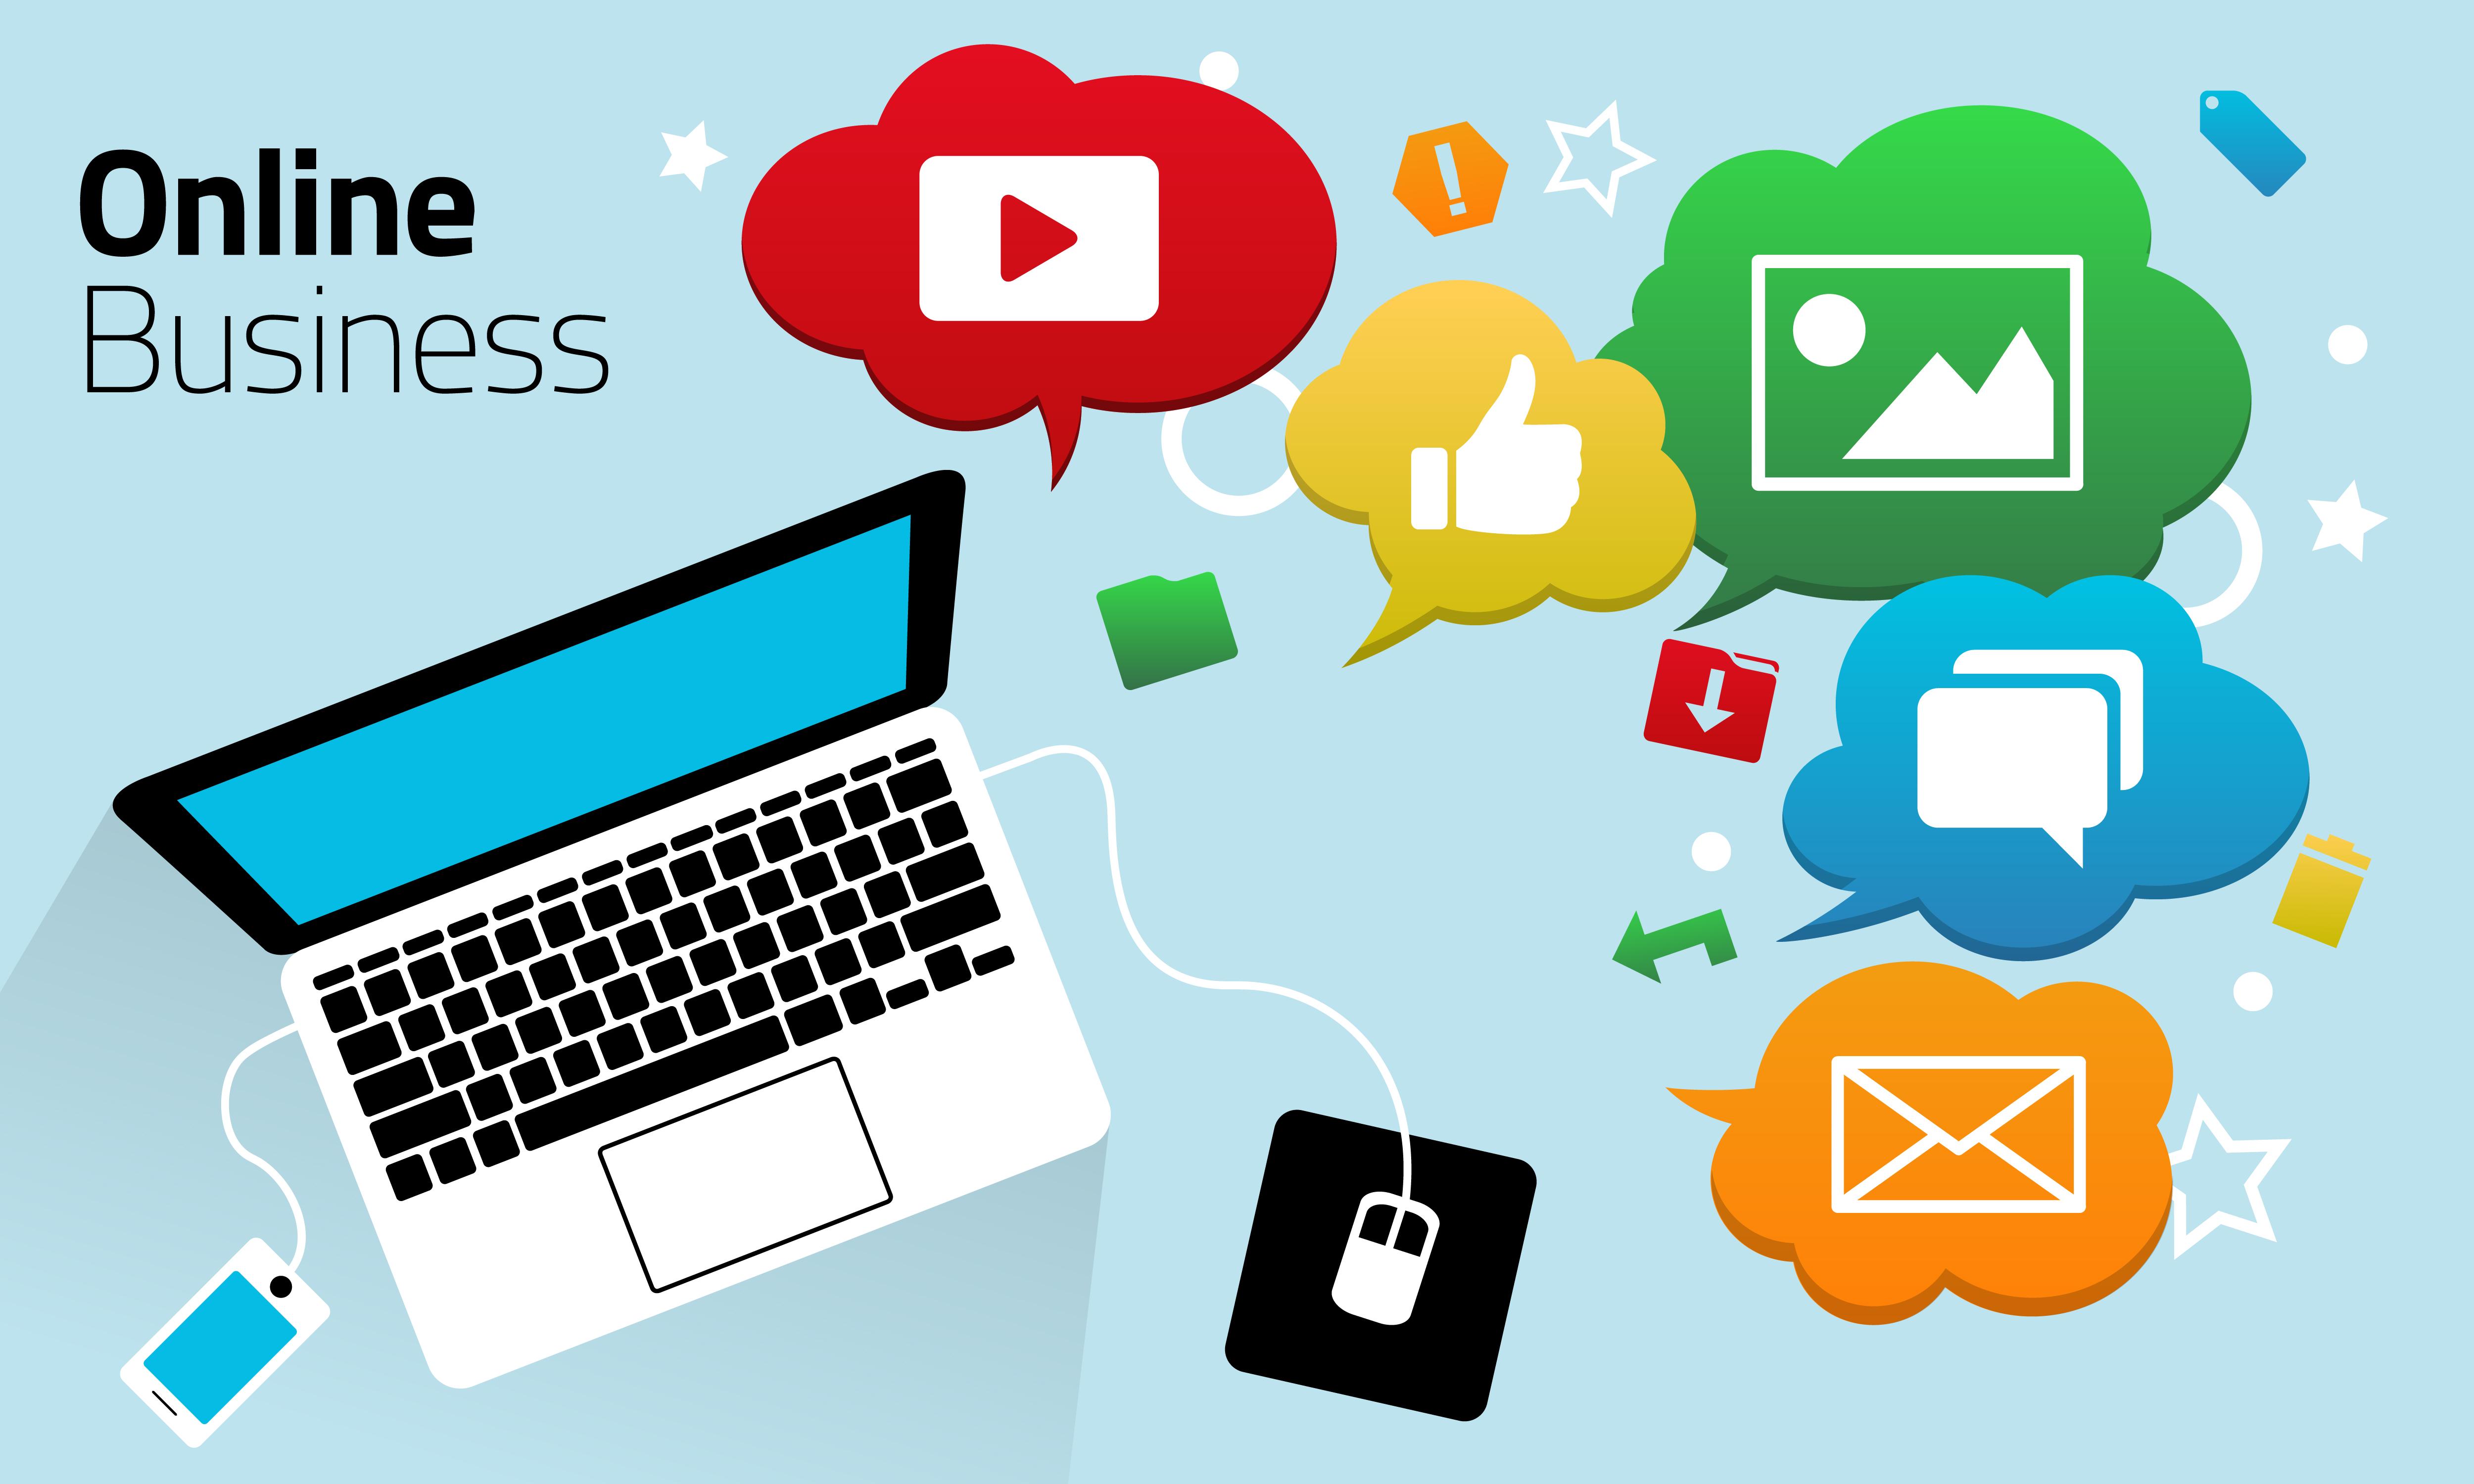 Kinh doanh online tại nhà với những bước đơn giản này